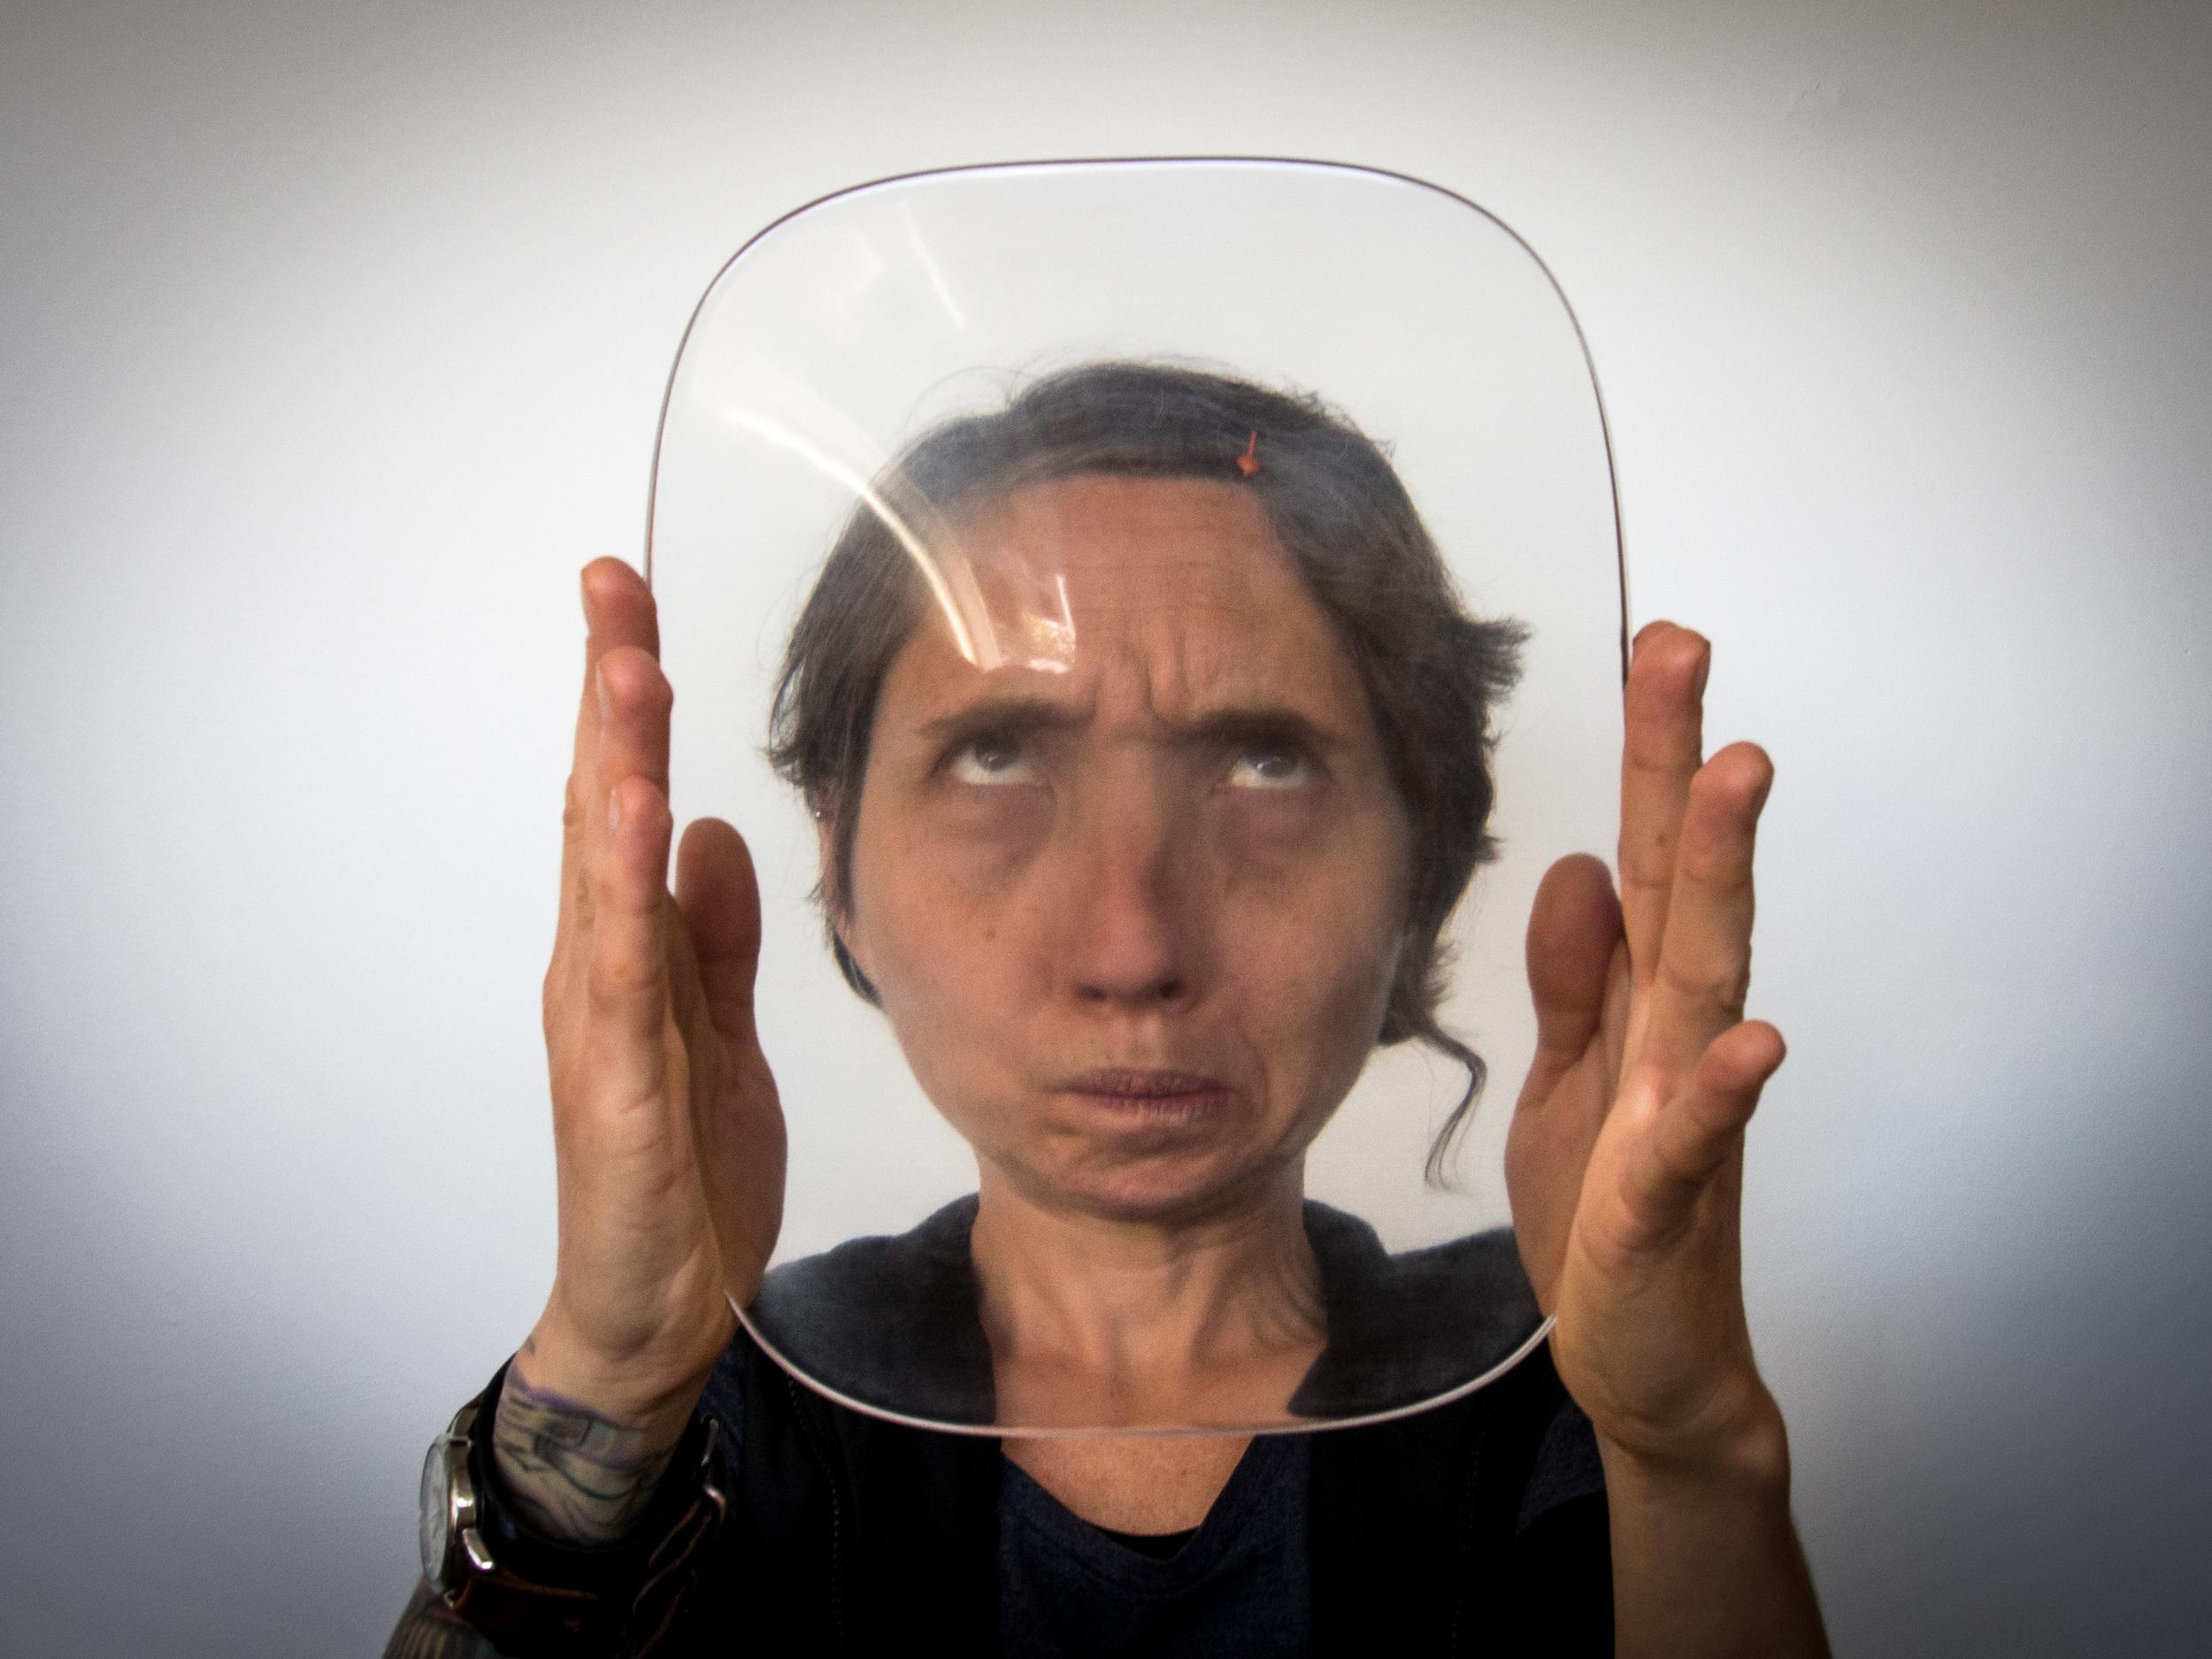 Balloon Head Lens II